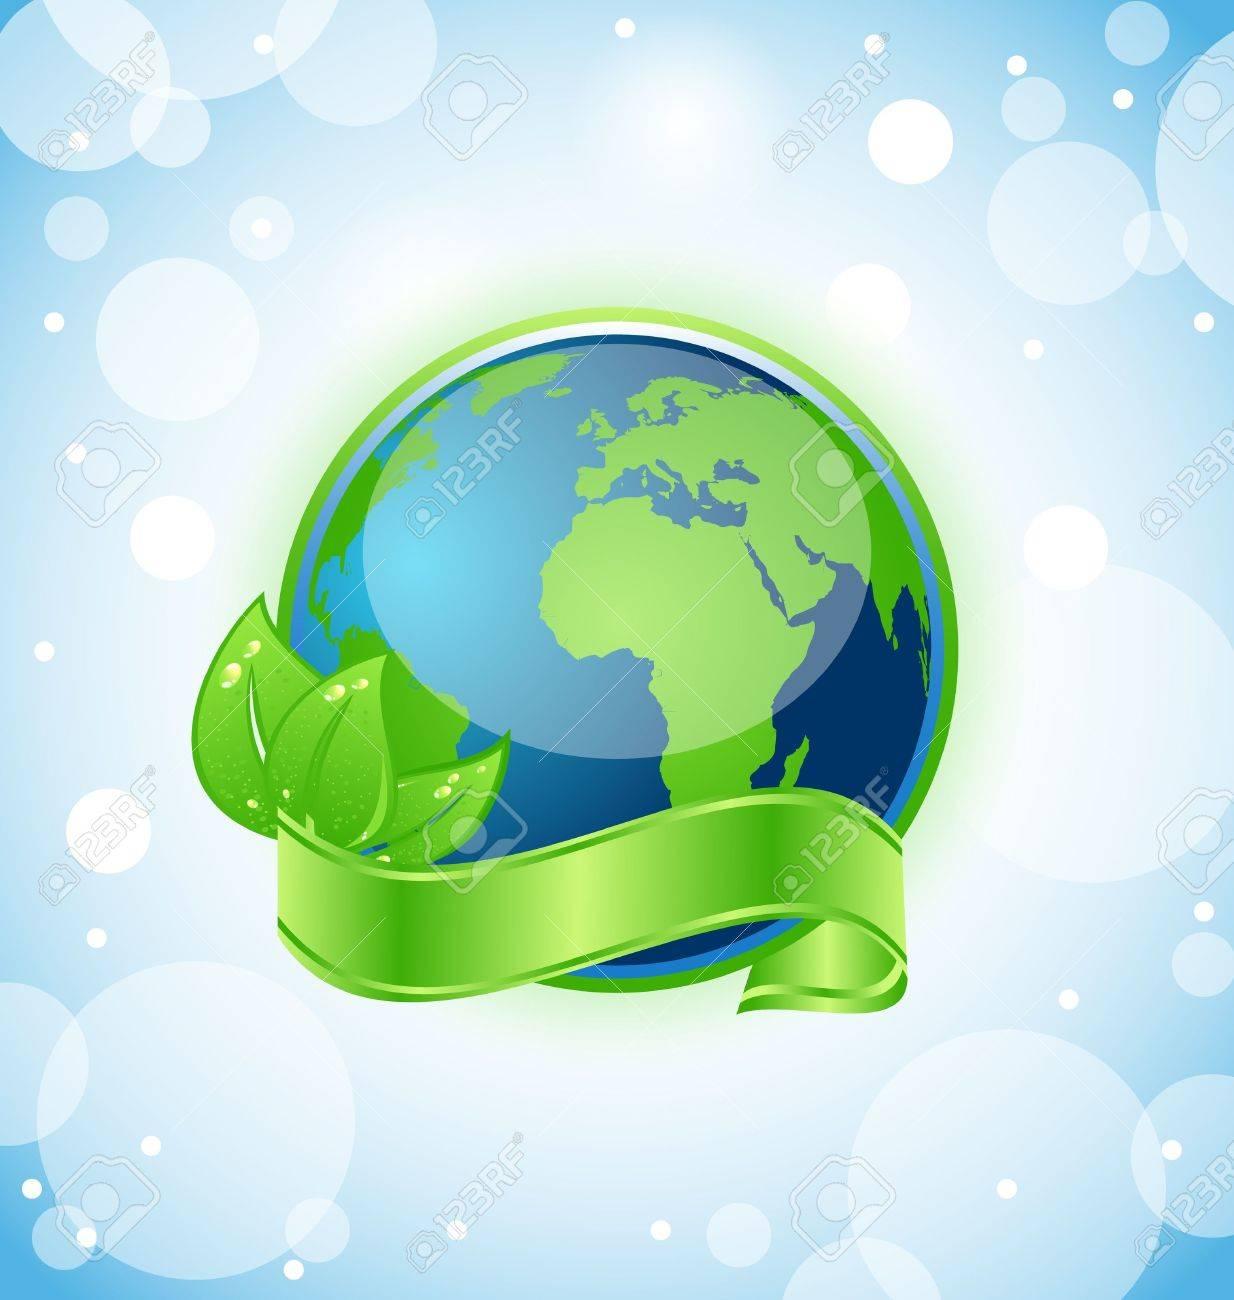 葉と緑の地球のイラストを包んでリボン ベクトルのイラスト素材